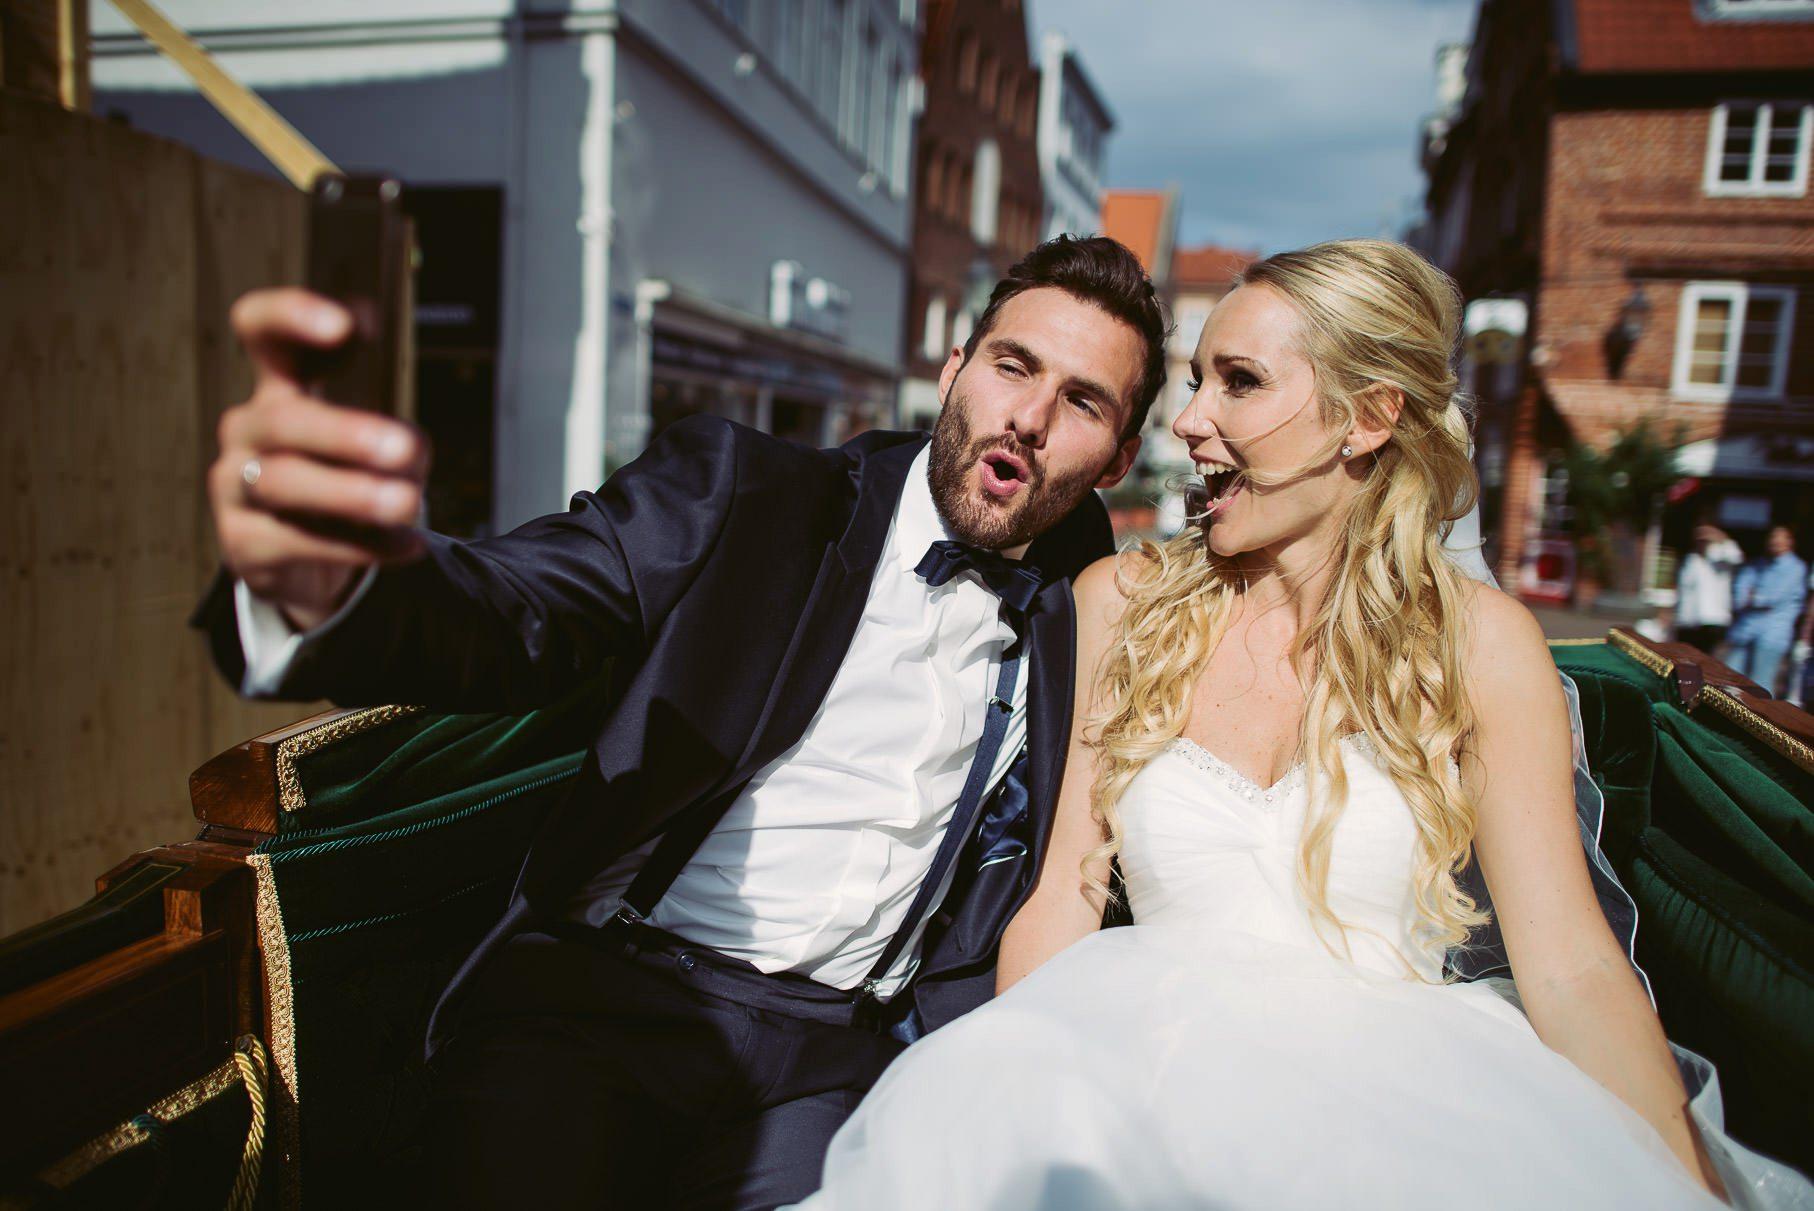 0054 jus 812 9658 - Hochzeit im Wasserturm Lüneburg - Jenny & Sascha